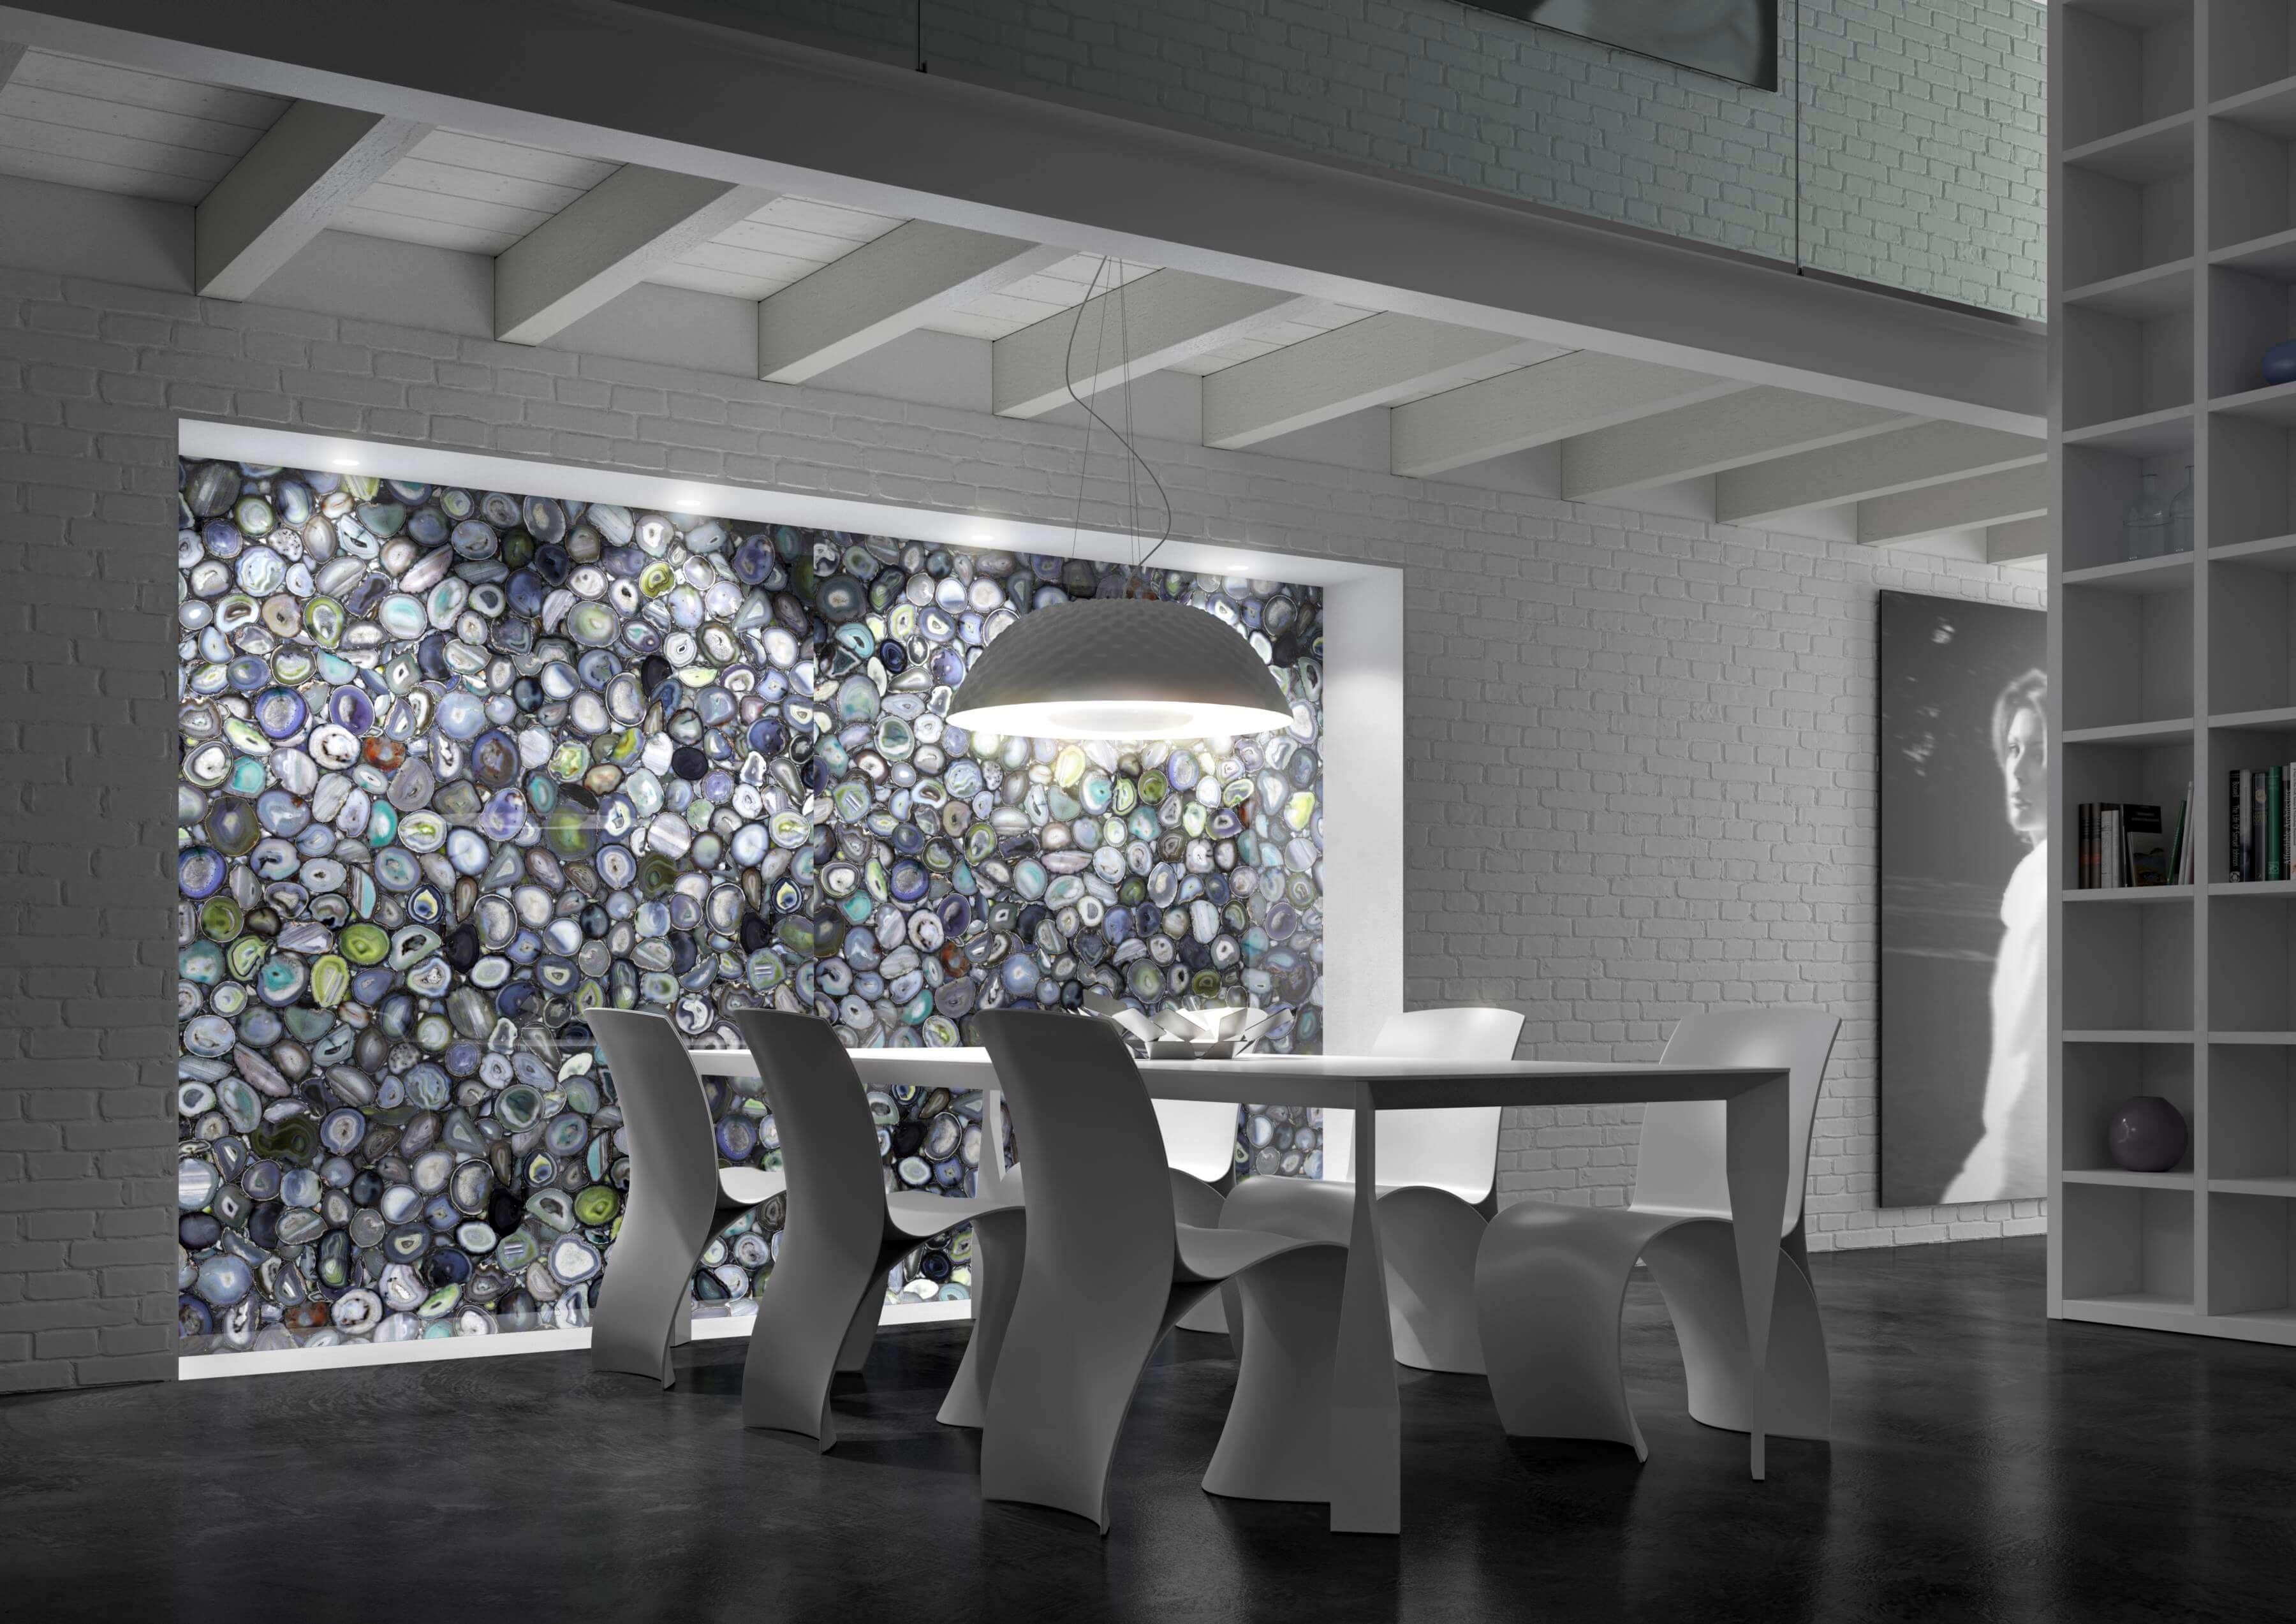 Grüner Achat ist das Protagonistenmaterial eines Wohnzimmers mit starken zeitgenössischen Akzenten, wo die doppelte Höhe Architektur interessante räumliche Perspektiven gibt. Die Schönheit des Natursteins trägt dazu bei, die starke Persönlichkeit dieser Umgebung zu schaffen und schafft eine Balance zwischen Überschwang und Minimalismus, Luxus und Einfachheit. Im Wohnzimmer in eisweißen Farbtönen kontrastiert der Reichtum der Wand aus grünem Achat - charakterisiert durch schillernde, helle Grün-, Blau-, Violett- und Grautöne in verschiedenen Farbtönen - mit der formalen Wesentlichkeit insgesamt. Der schillernde Effekt der Farben der Wand dieses herrlichen Antolini-Materials ruft kristallines Wasser und unberührte Räume hervor und schafft eine Atmosphäre von Wellness und ästhetischem Vergnügen.